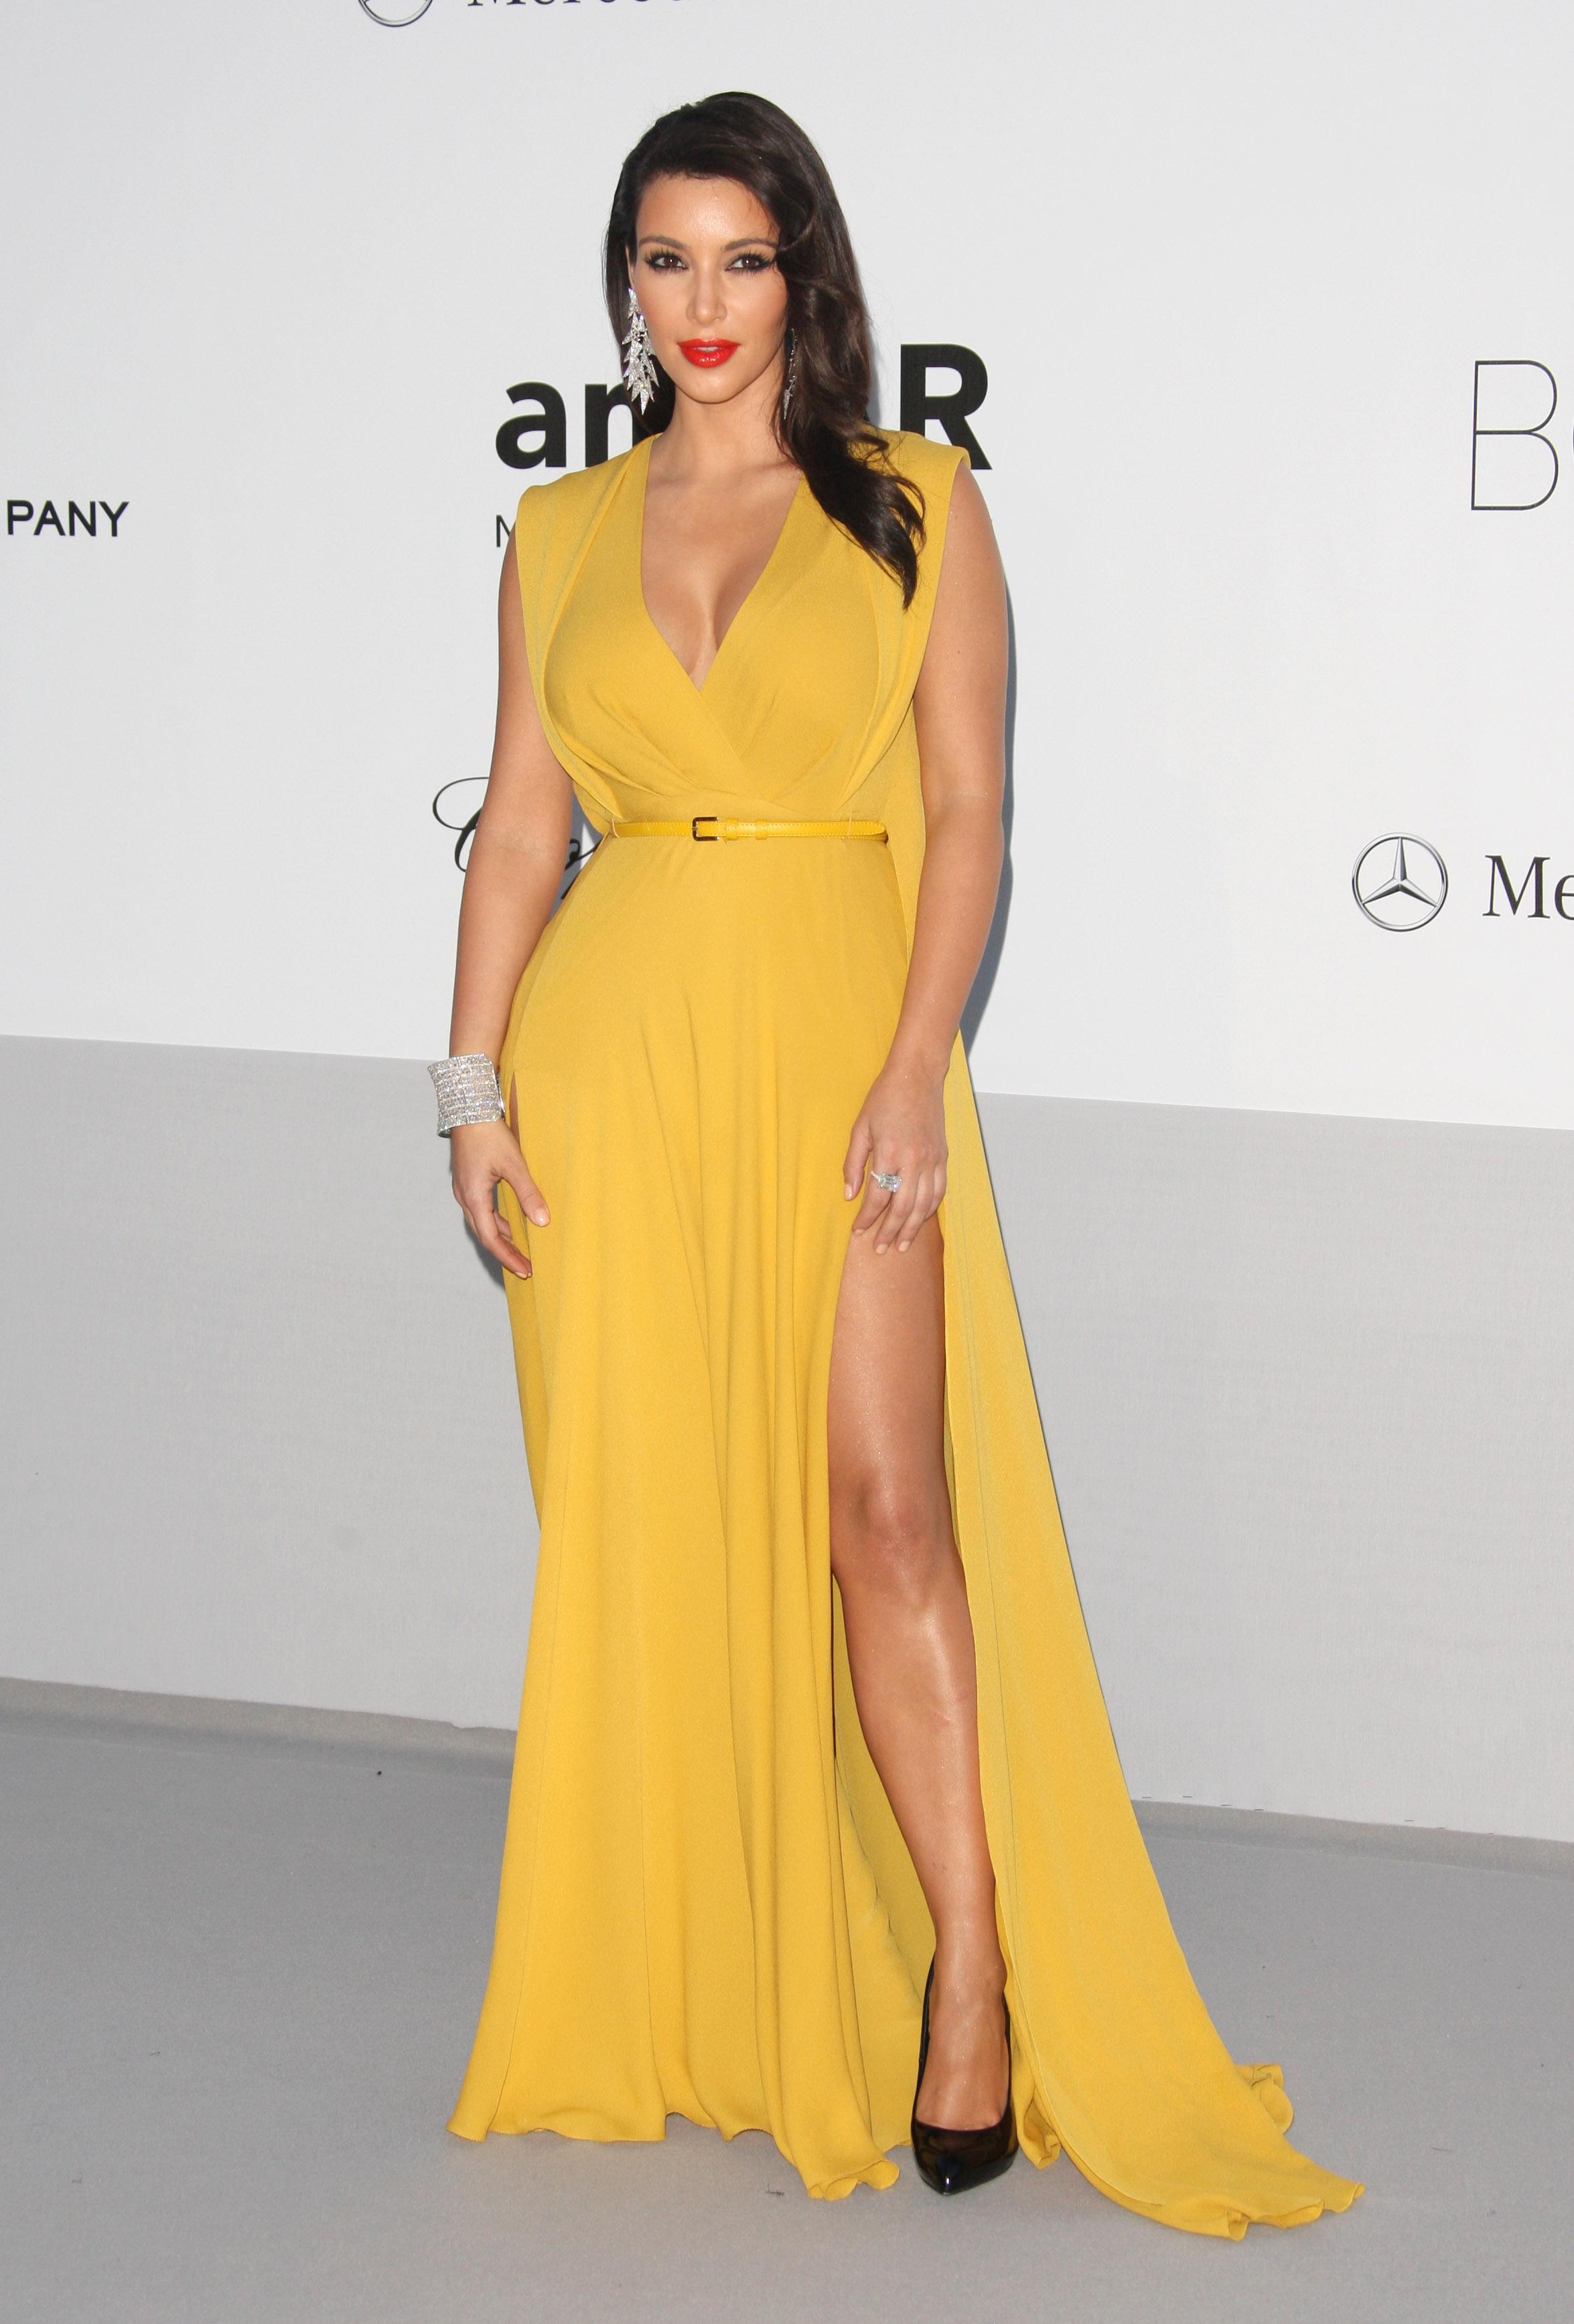 Kim Kardashian Rashida Jones who wore it better